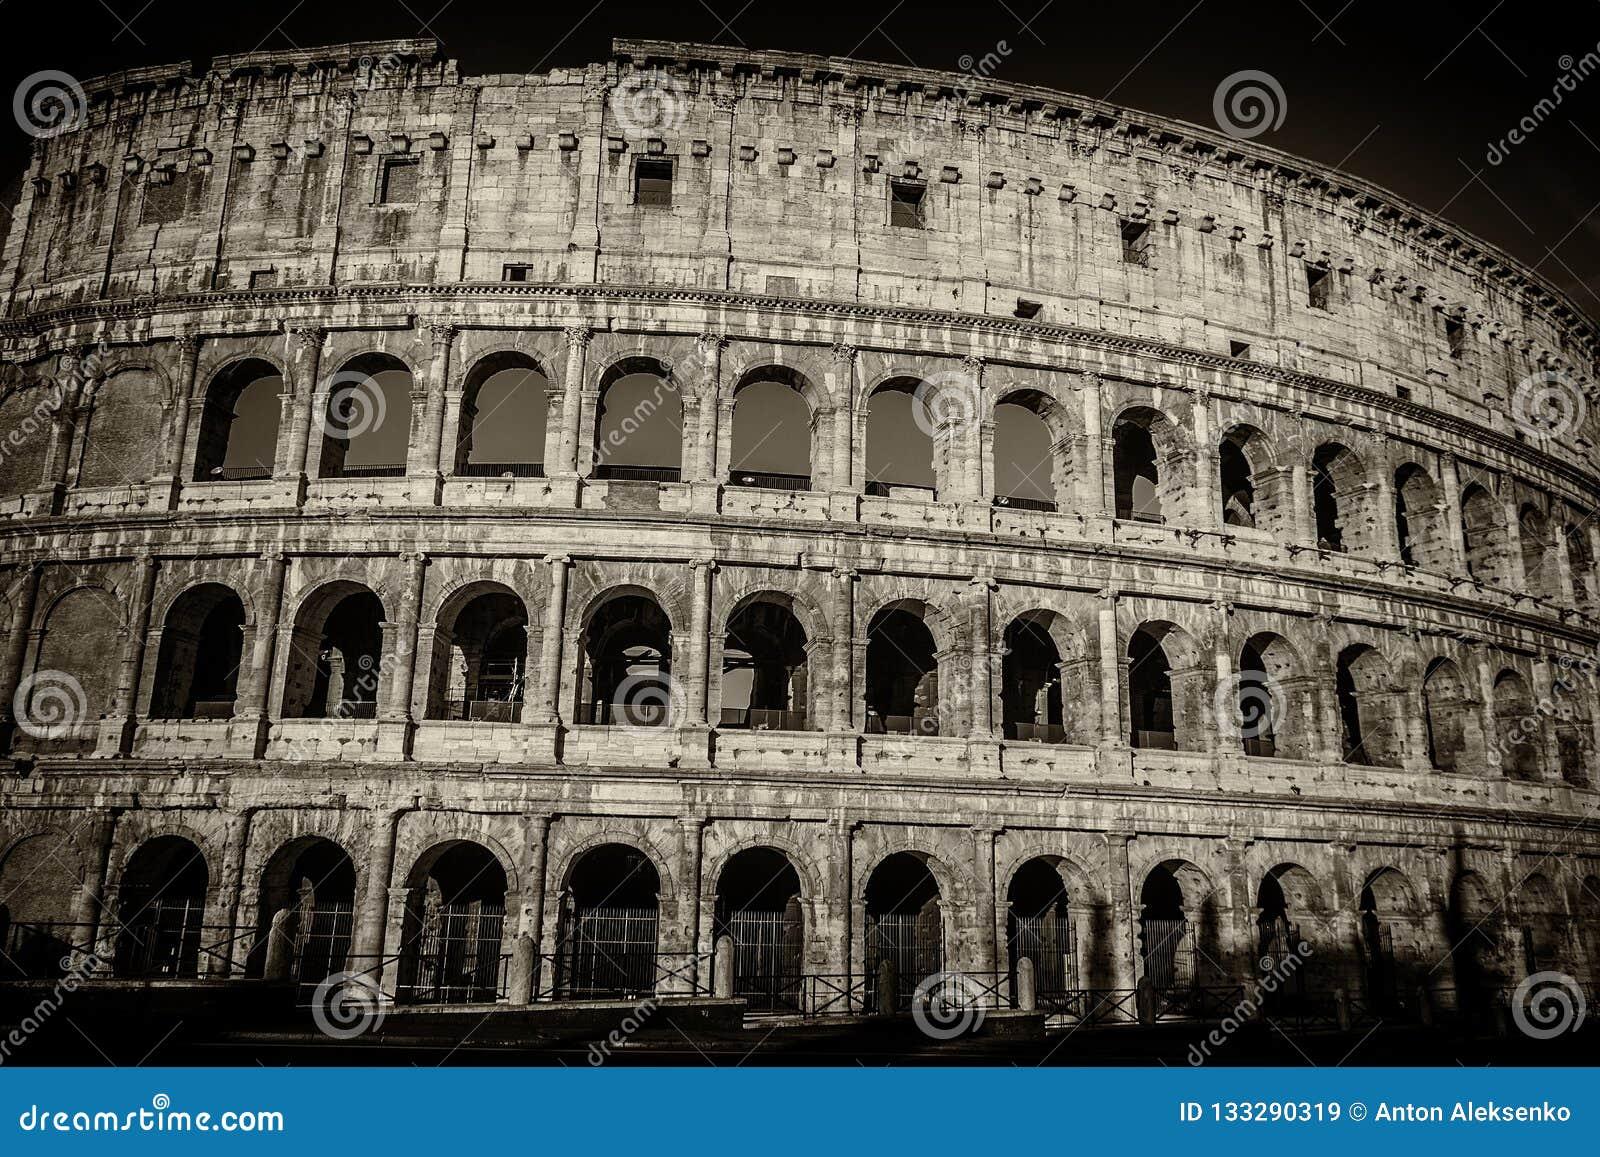 Coliseum in rome black and white photo retro style